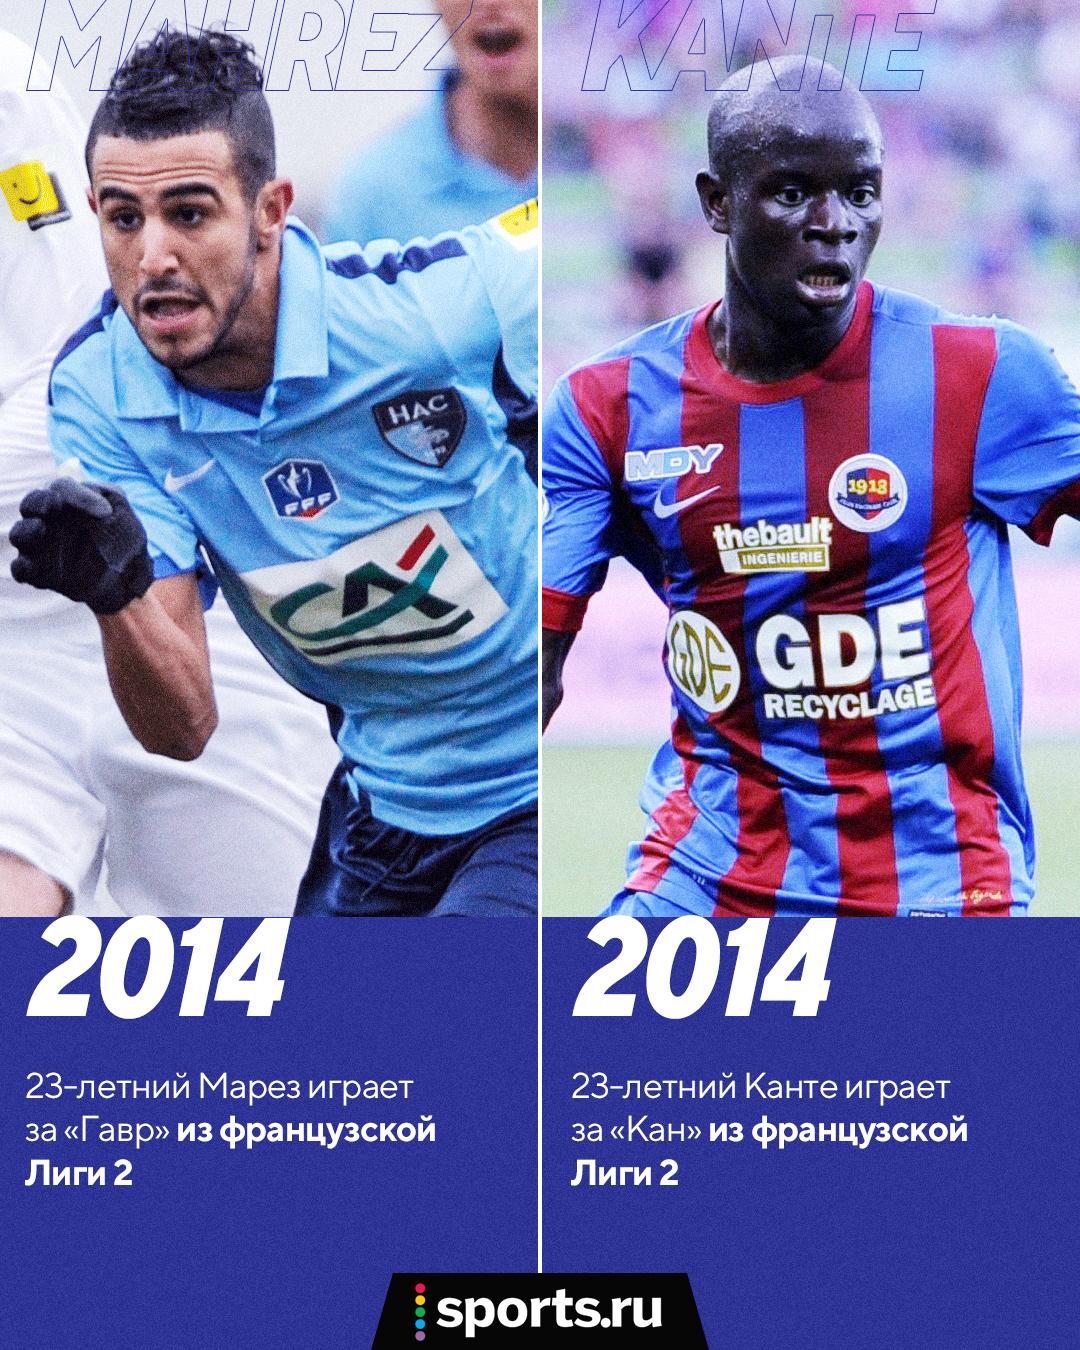 Канте и Марез: за 11 лет от любительской лиги Франции до финала Лиги чемпионов